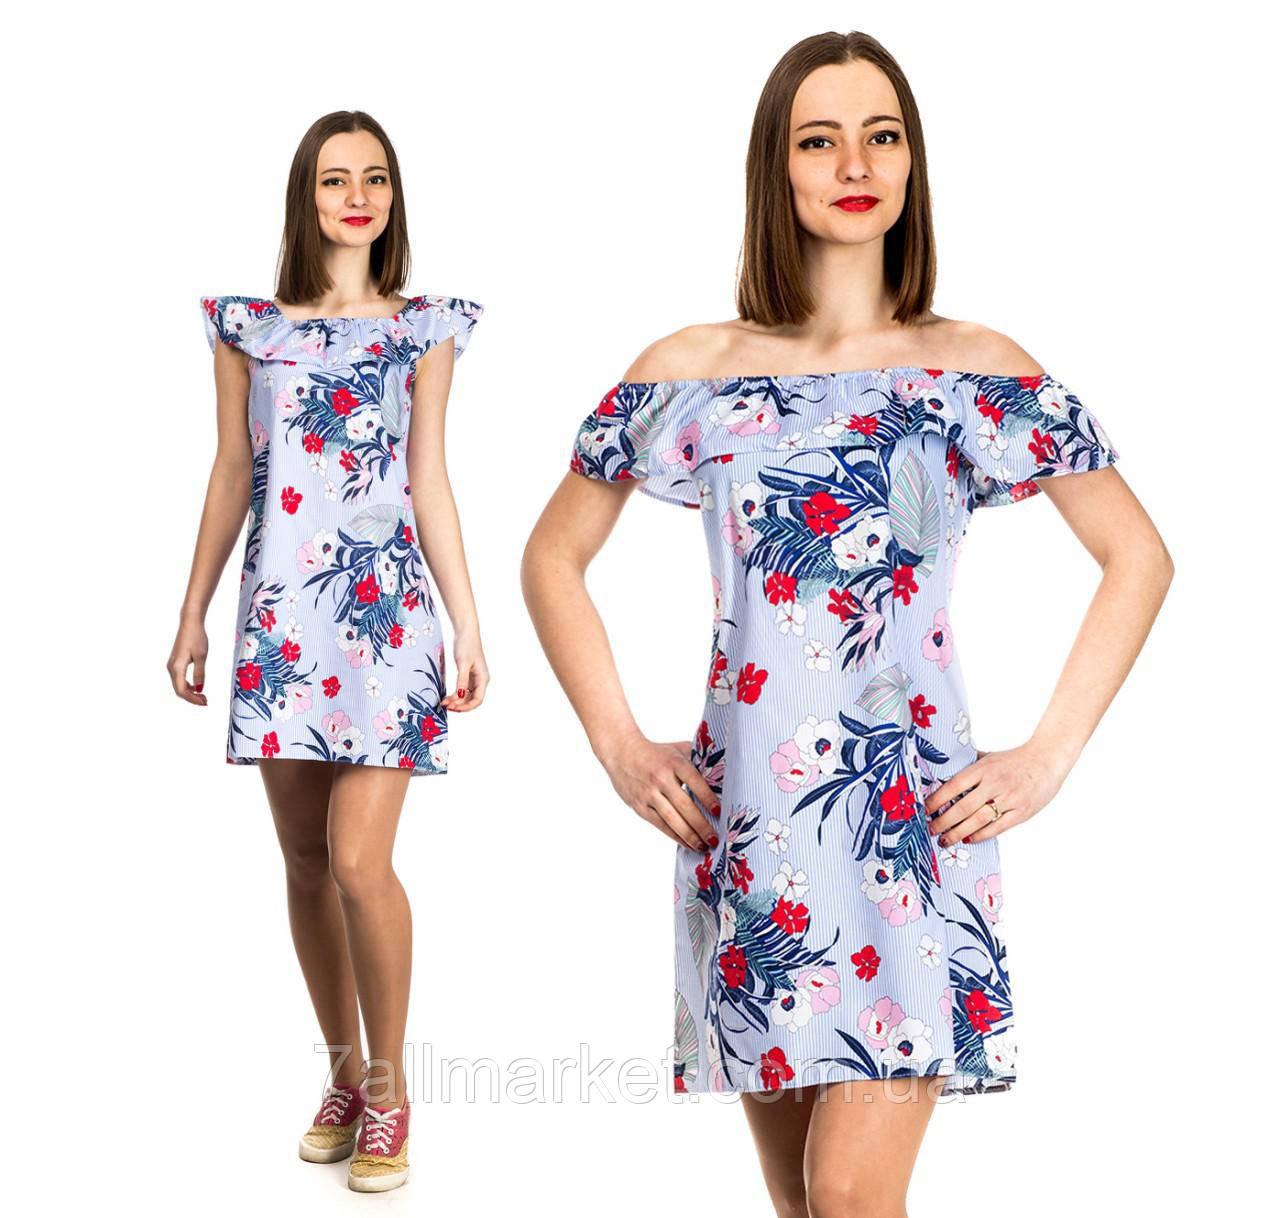 7690edbf2b3f Платье женское модное с воланом, размеры S-XL Серии